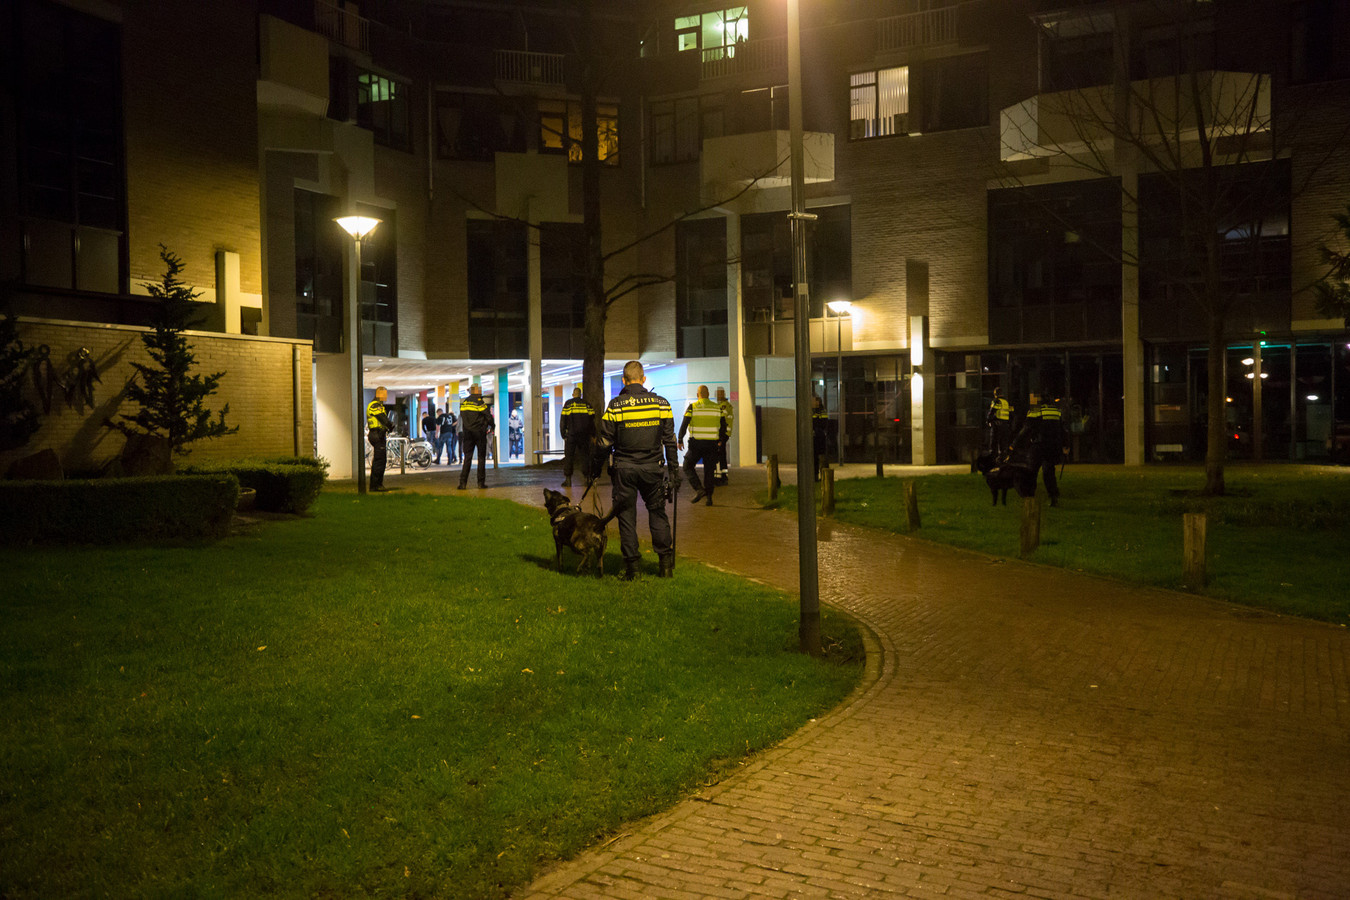 Eerder dit jaar moest de politie nog met een hoop agenten ingrijpen in het Emile van Loonpark.